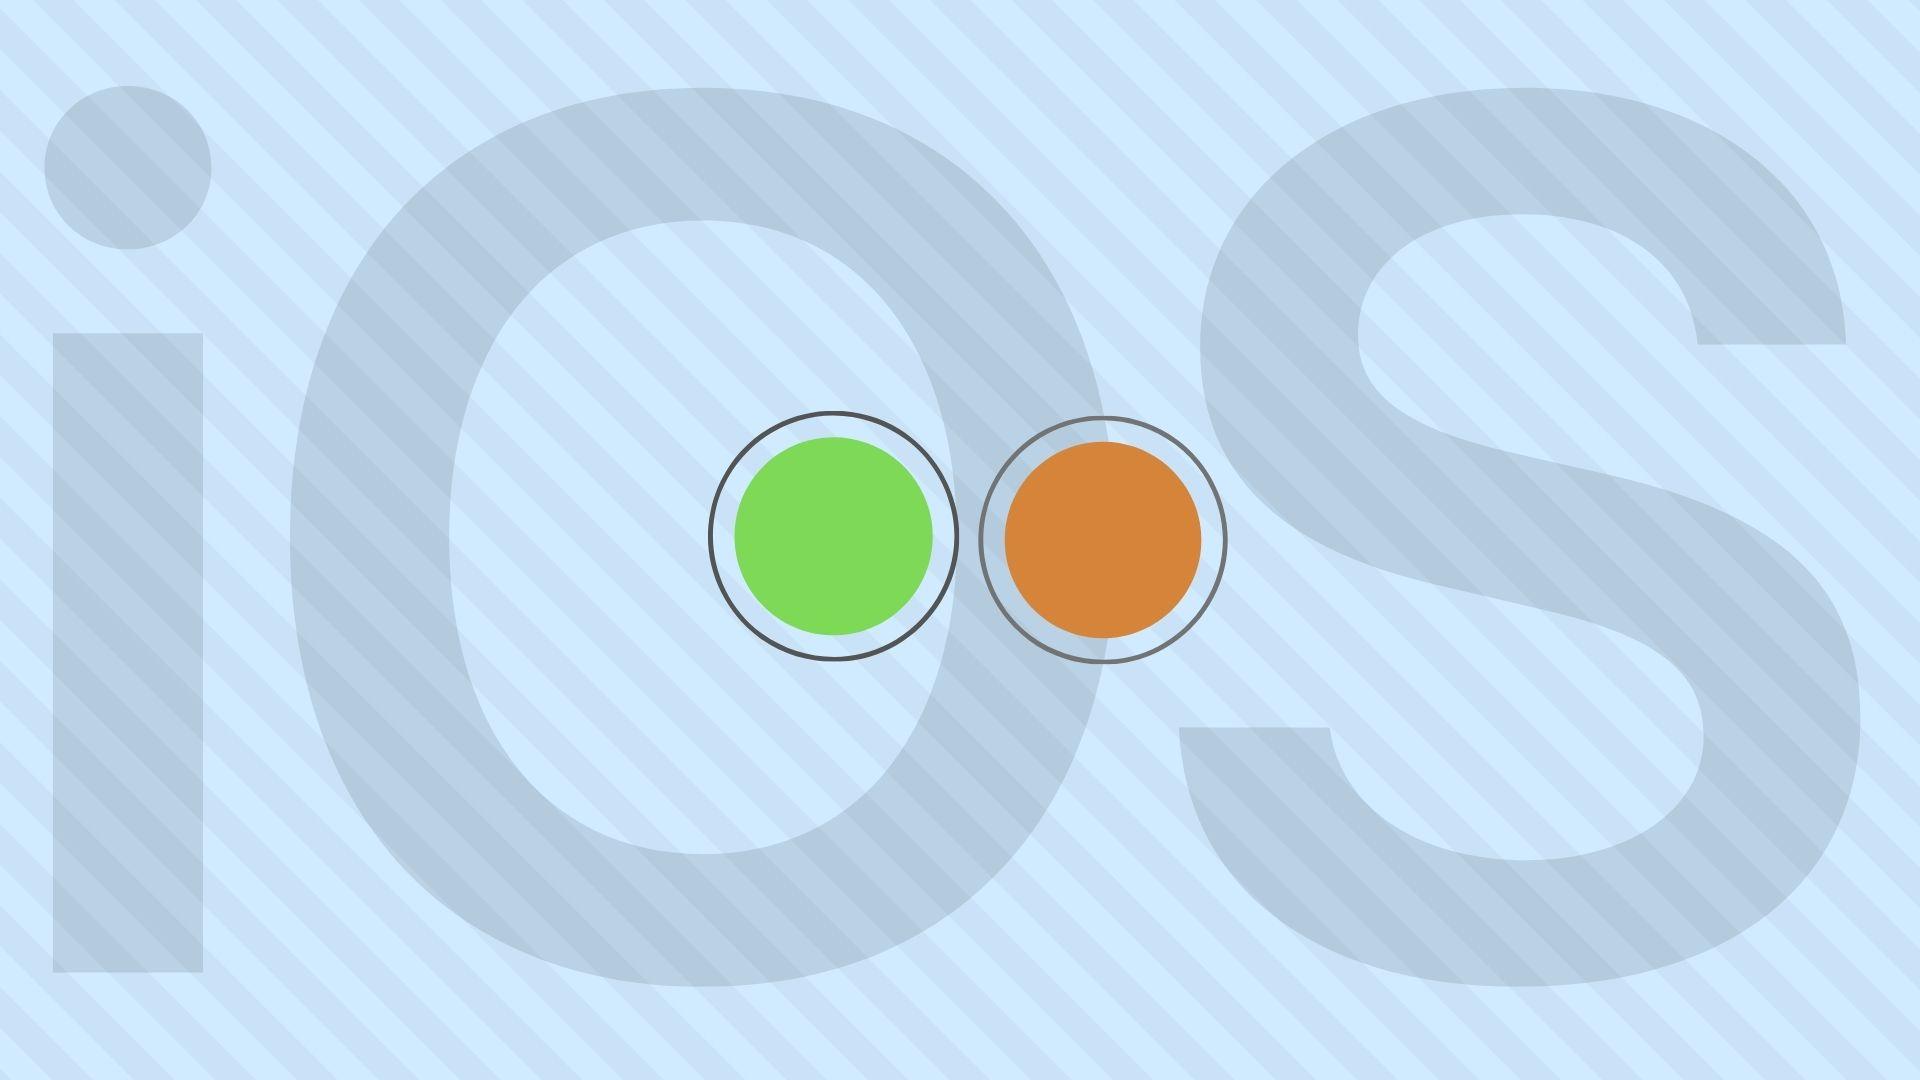 ios-14-turuncu-ve-yeşil-noktaların-anlamı